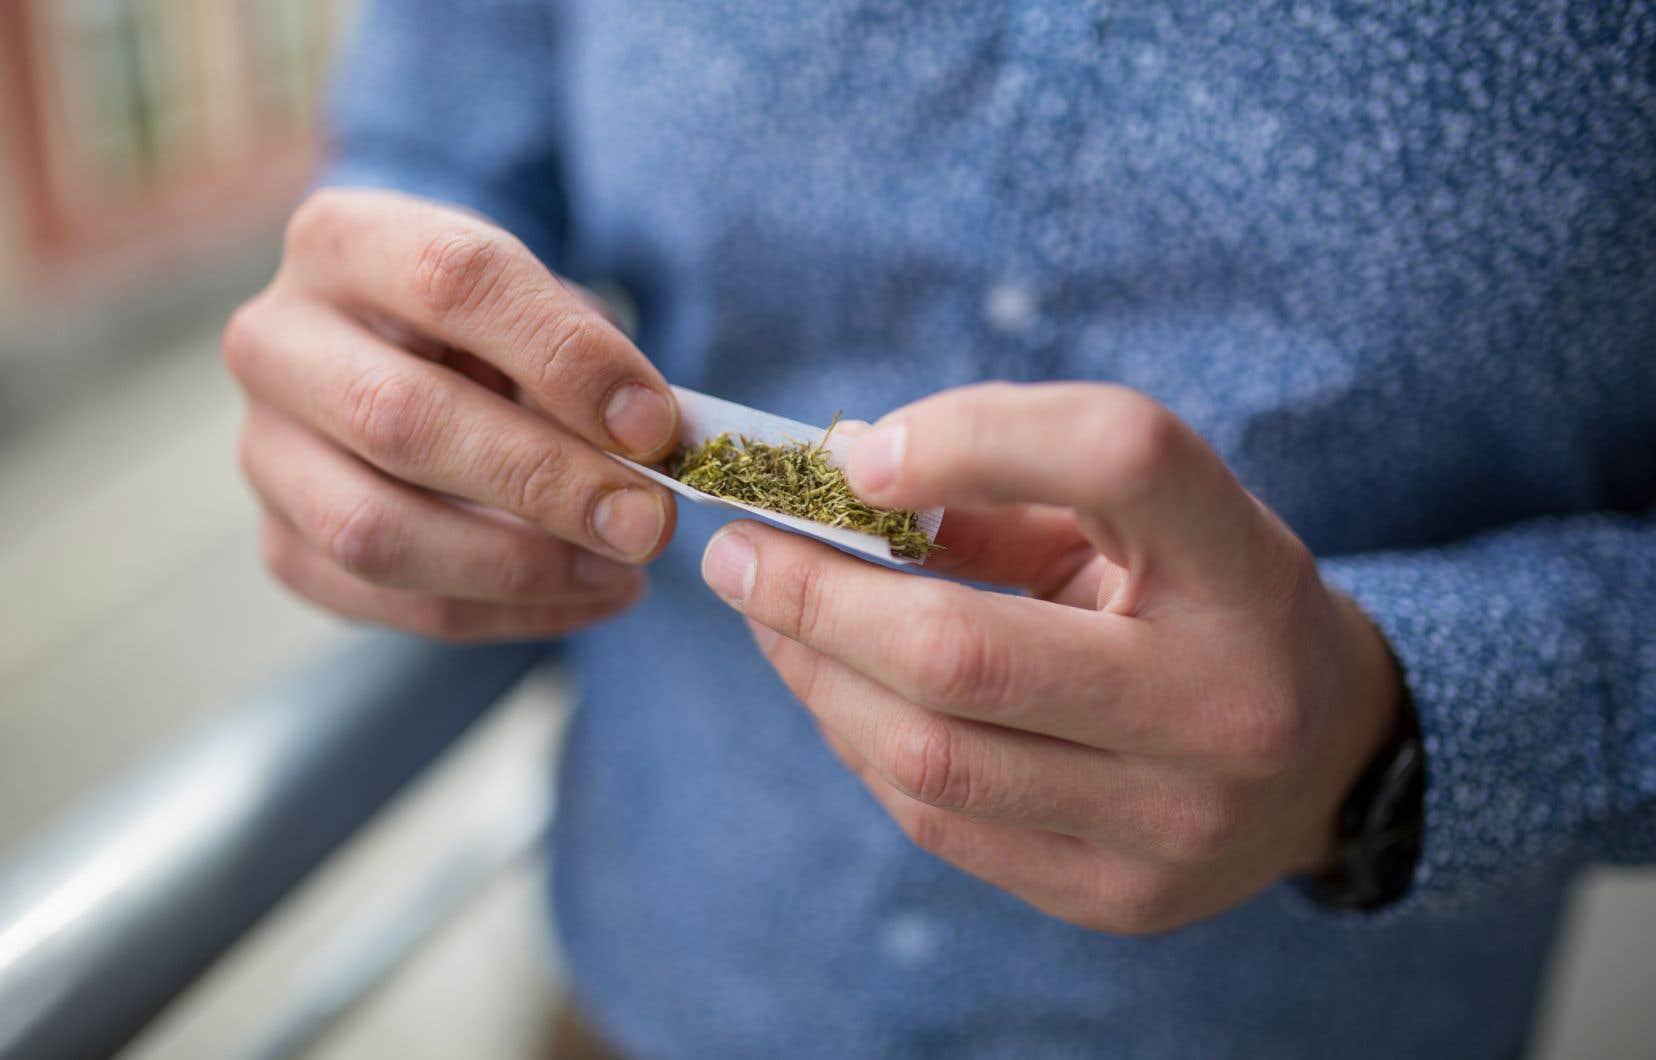 Selon les résultats de l'étude, les hommes ont été près de deux fois plus poussés à consommer du cannabis que les femmes.